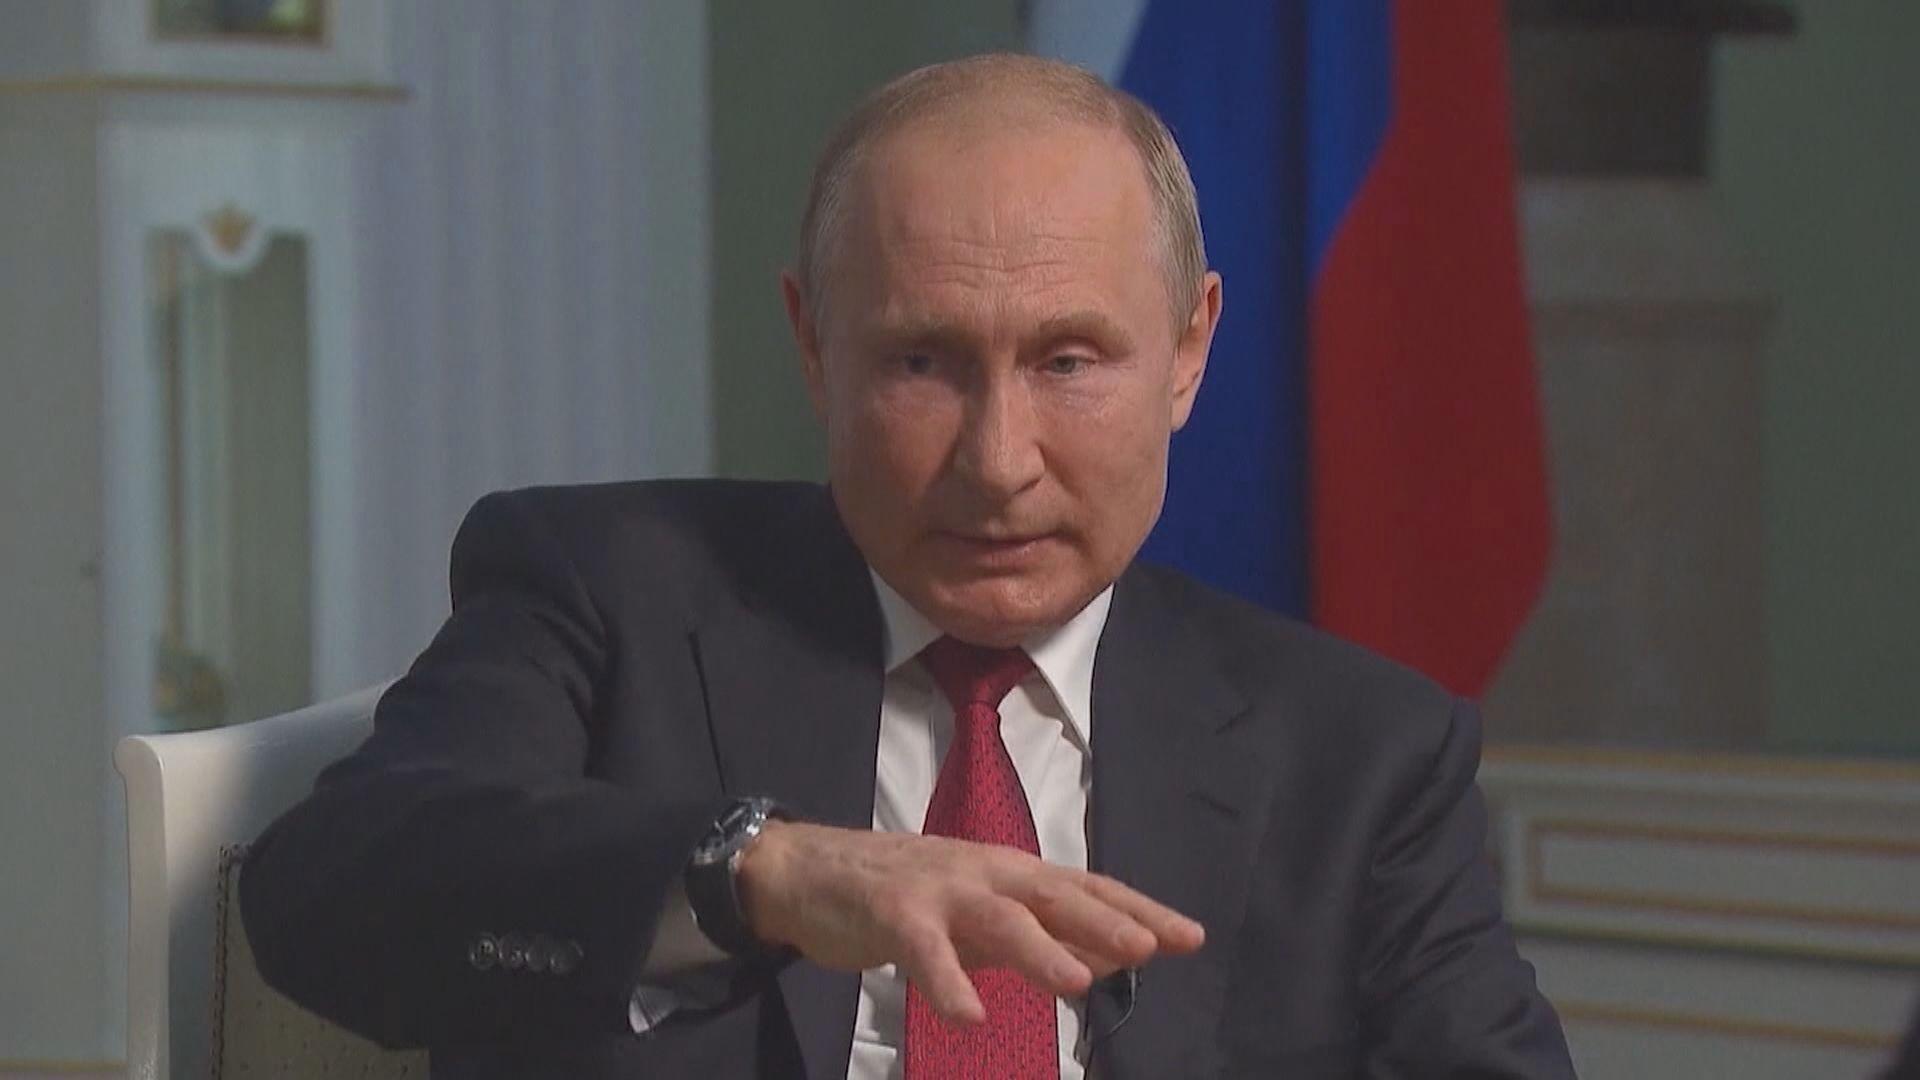 普京指俄將有反制超高音速武器 美示威潮反映深層危機